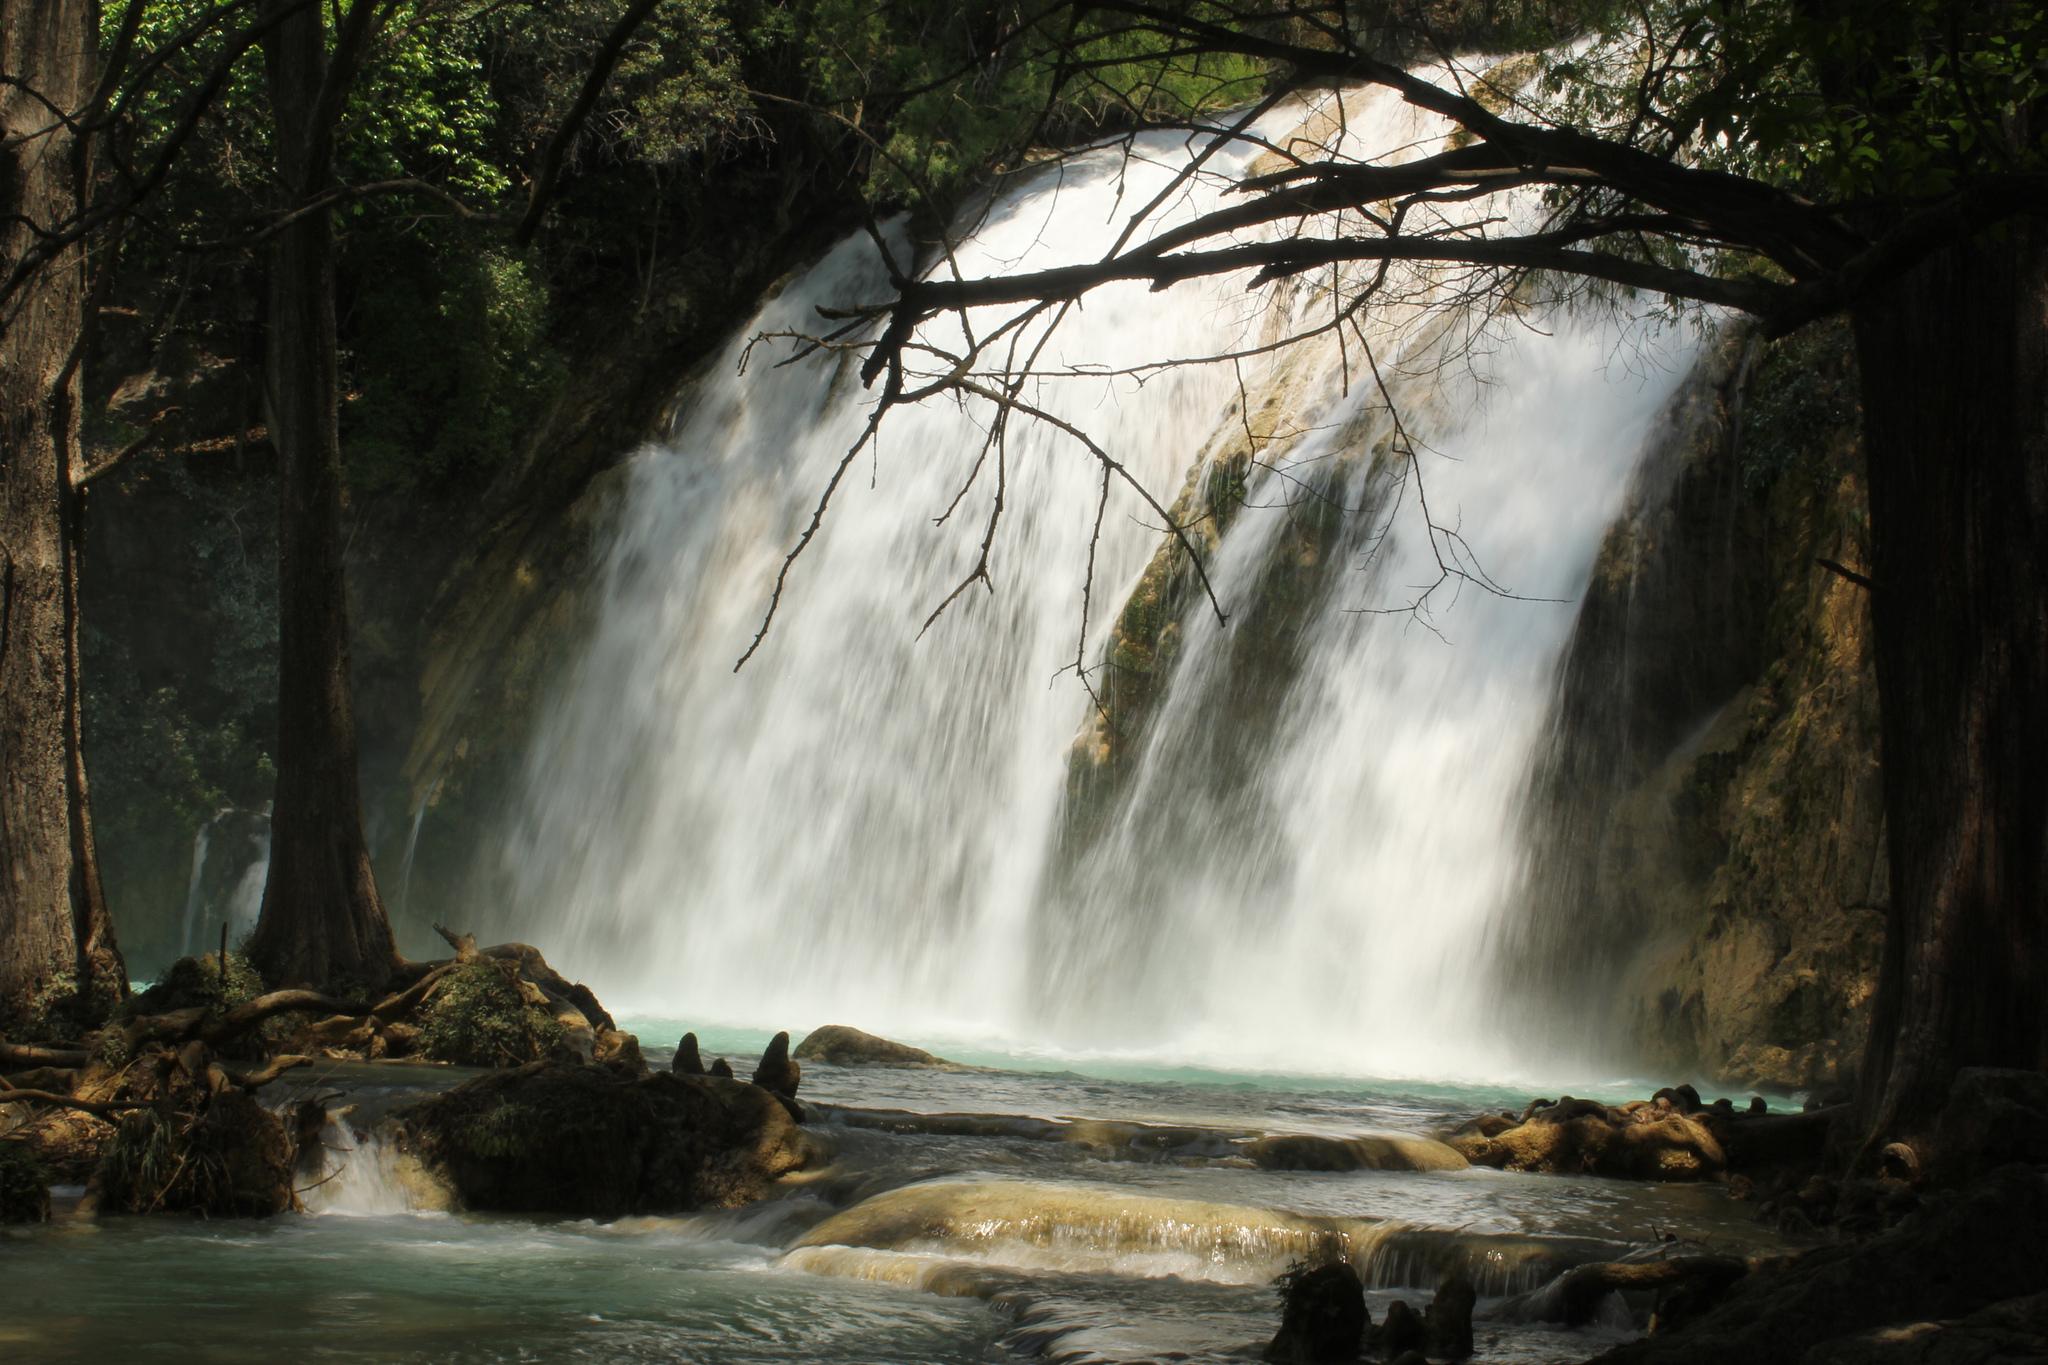 Circuitos en Chiapas, todas las caras en un solo viaje